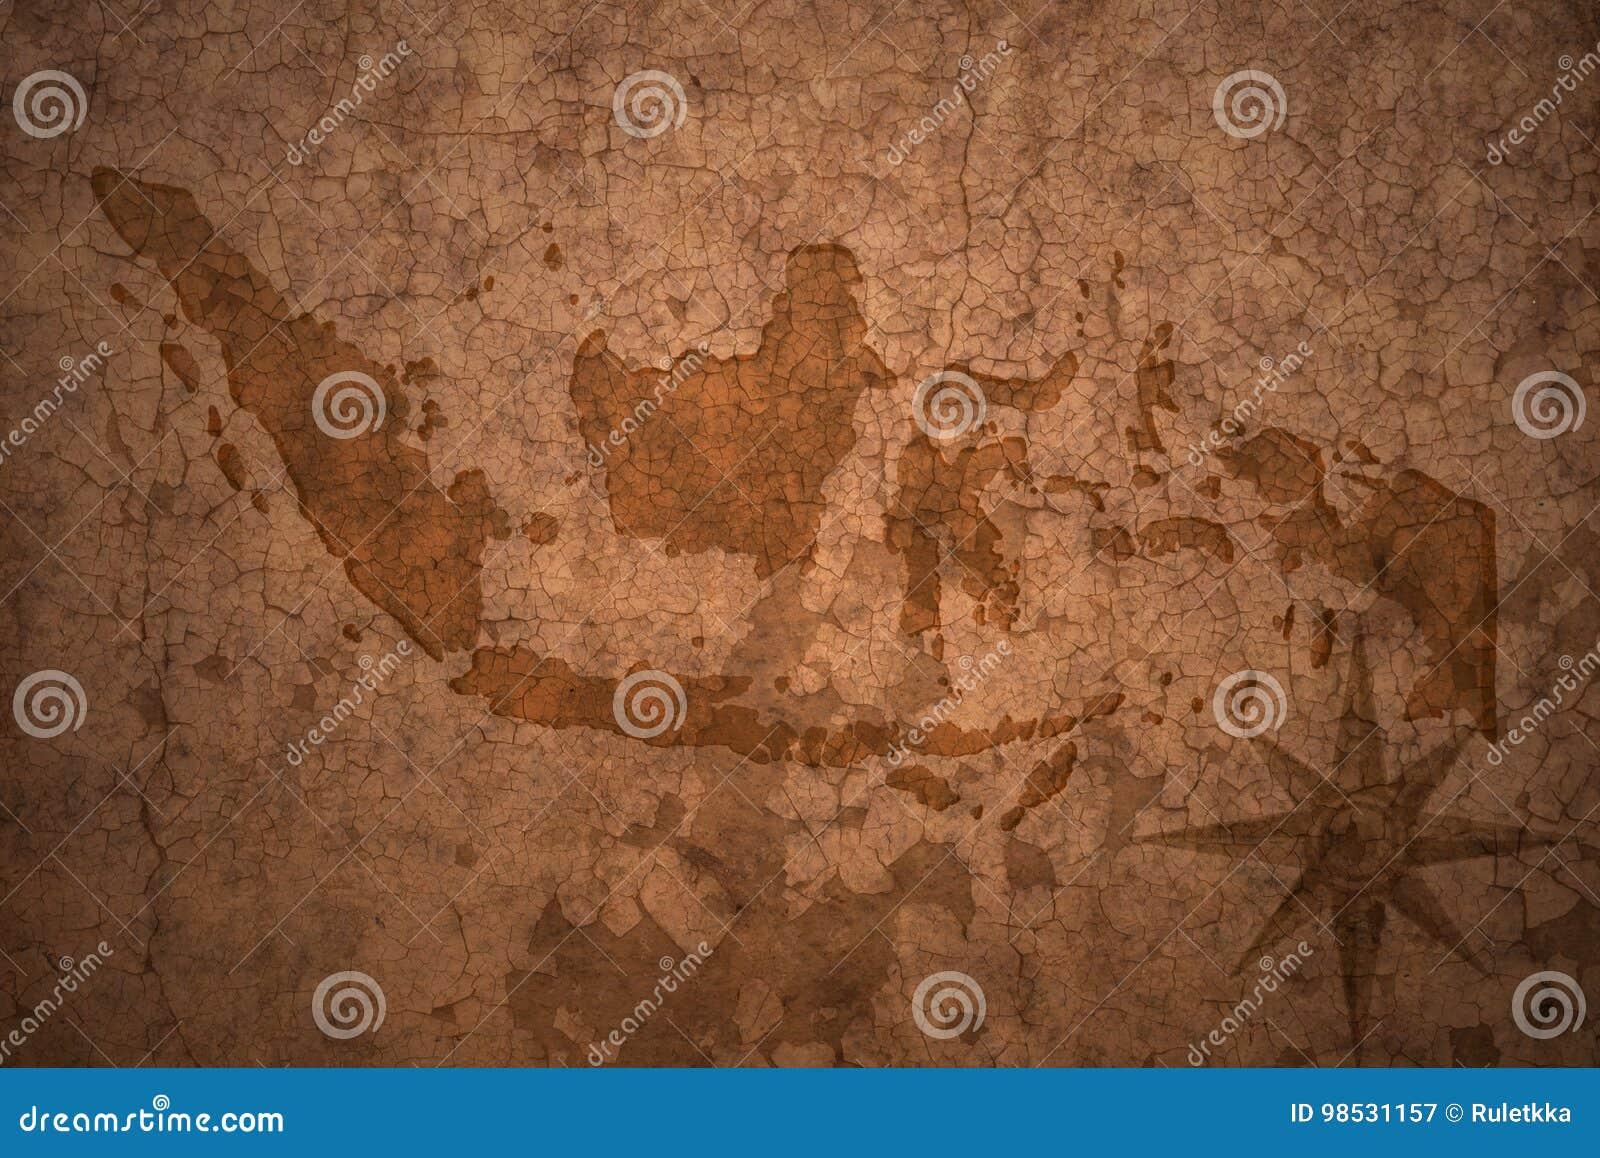 Indonesien-Karte auf Weinlesepapierhintergrund